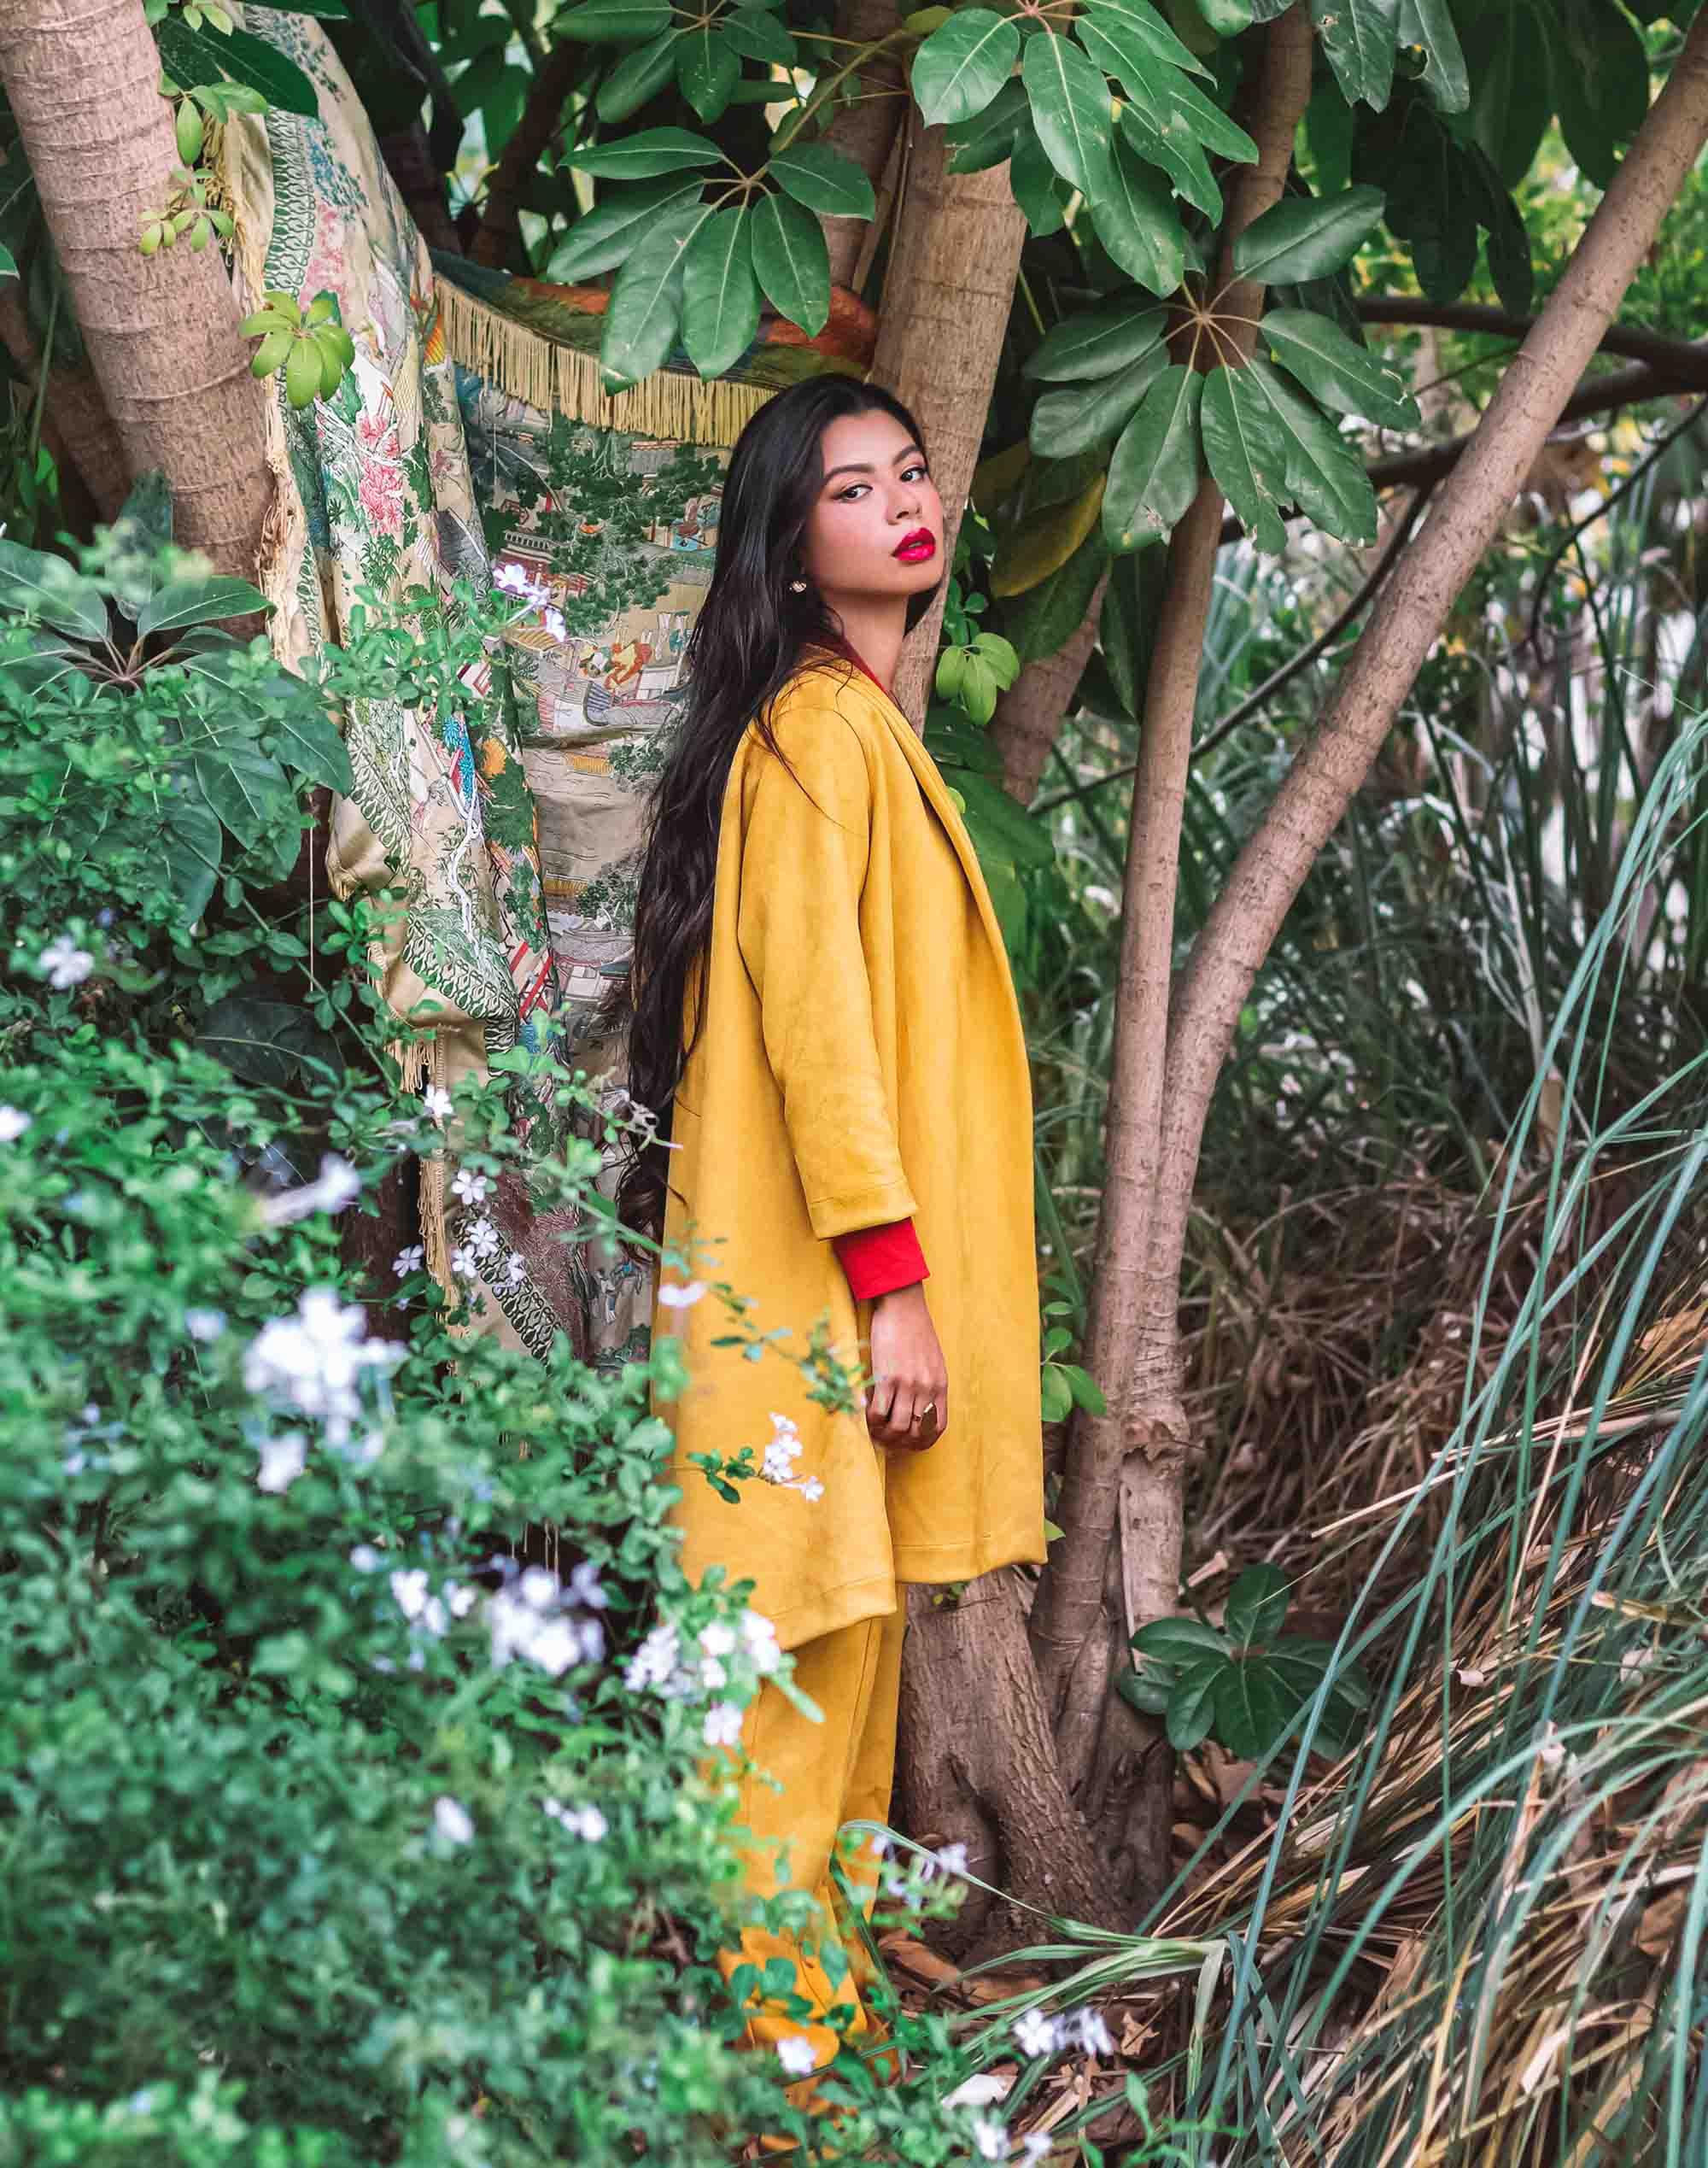 סוזי אבו קעוד, מגזין אופנה - 5